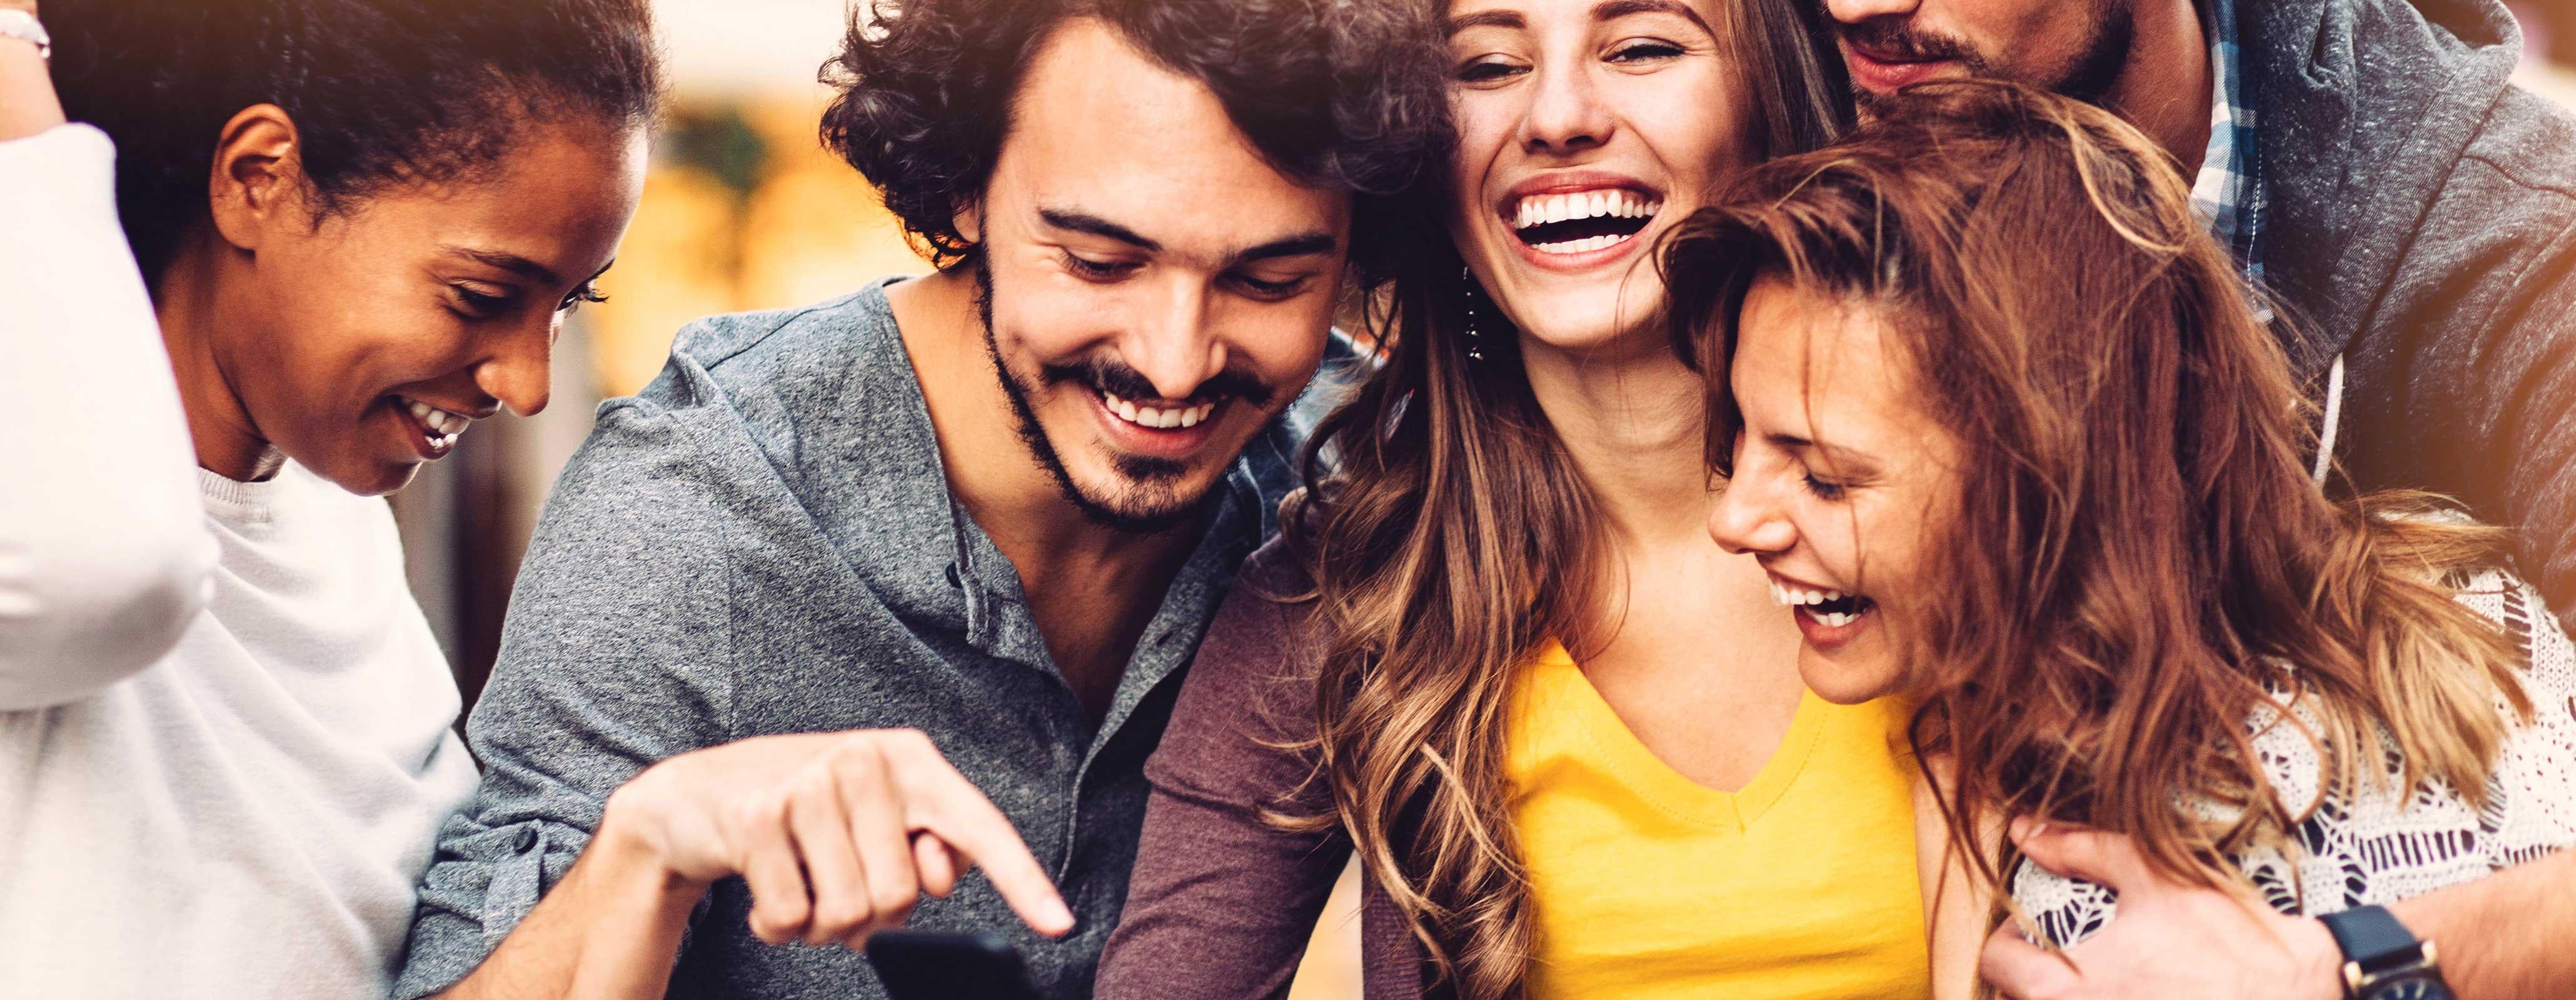 Vriendengroep op vakantie op mobiel